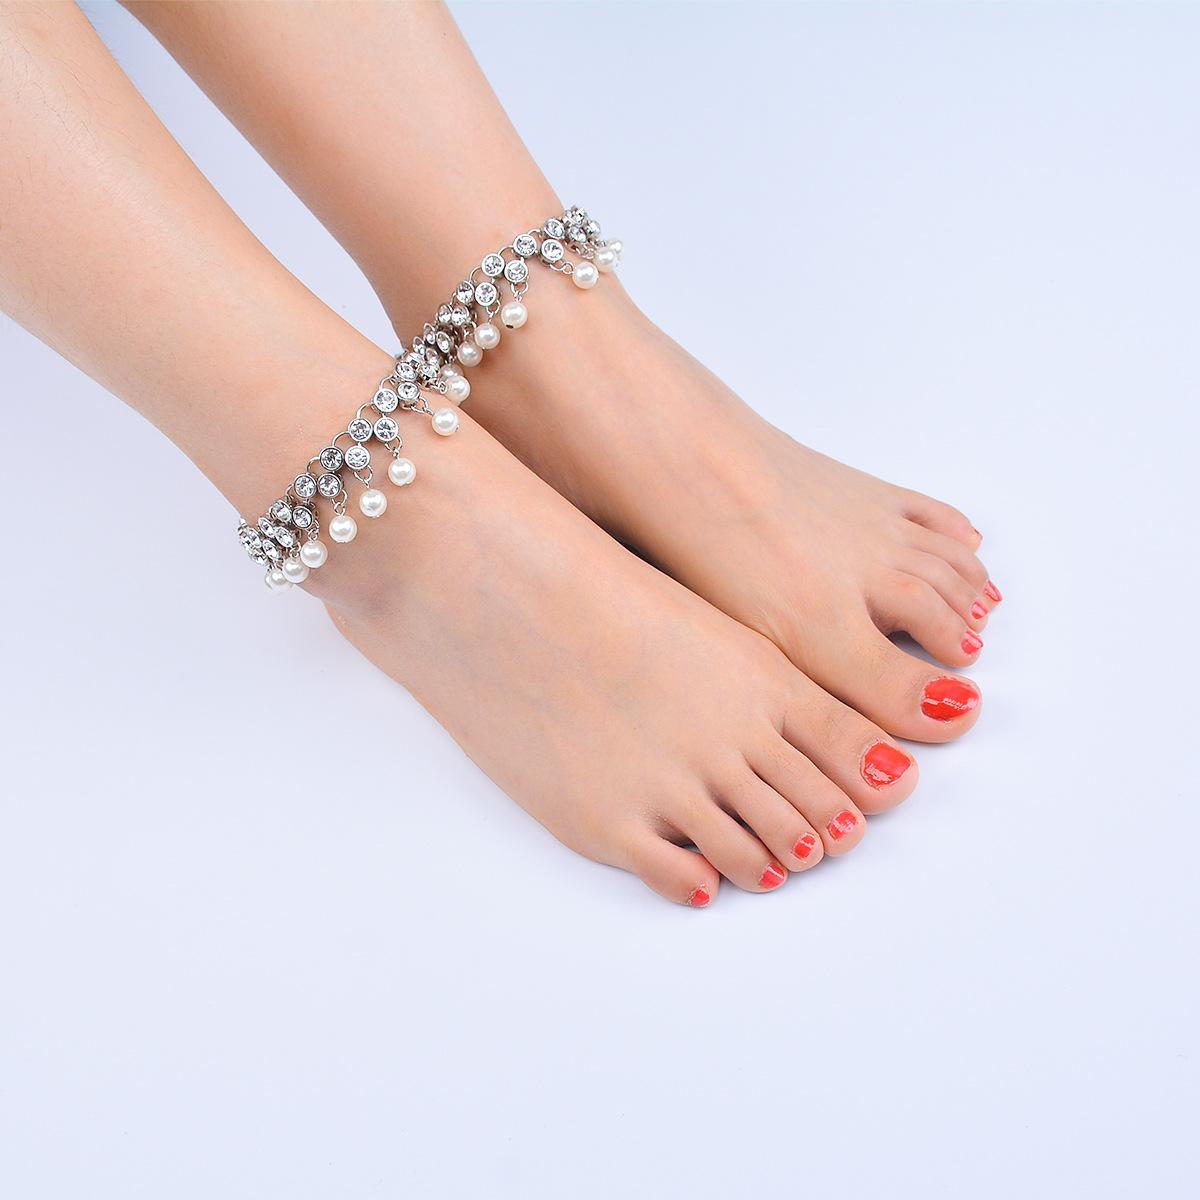 Playa de verano simple tobillera gota de agua diamante perla borla adorno de pie NHXR194245